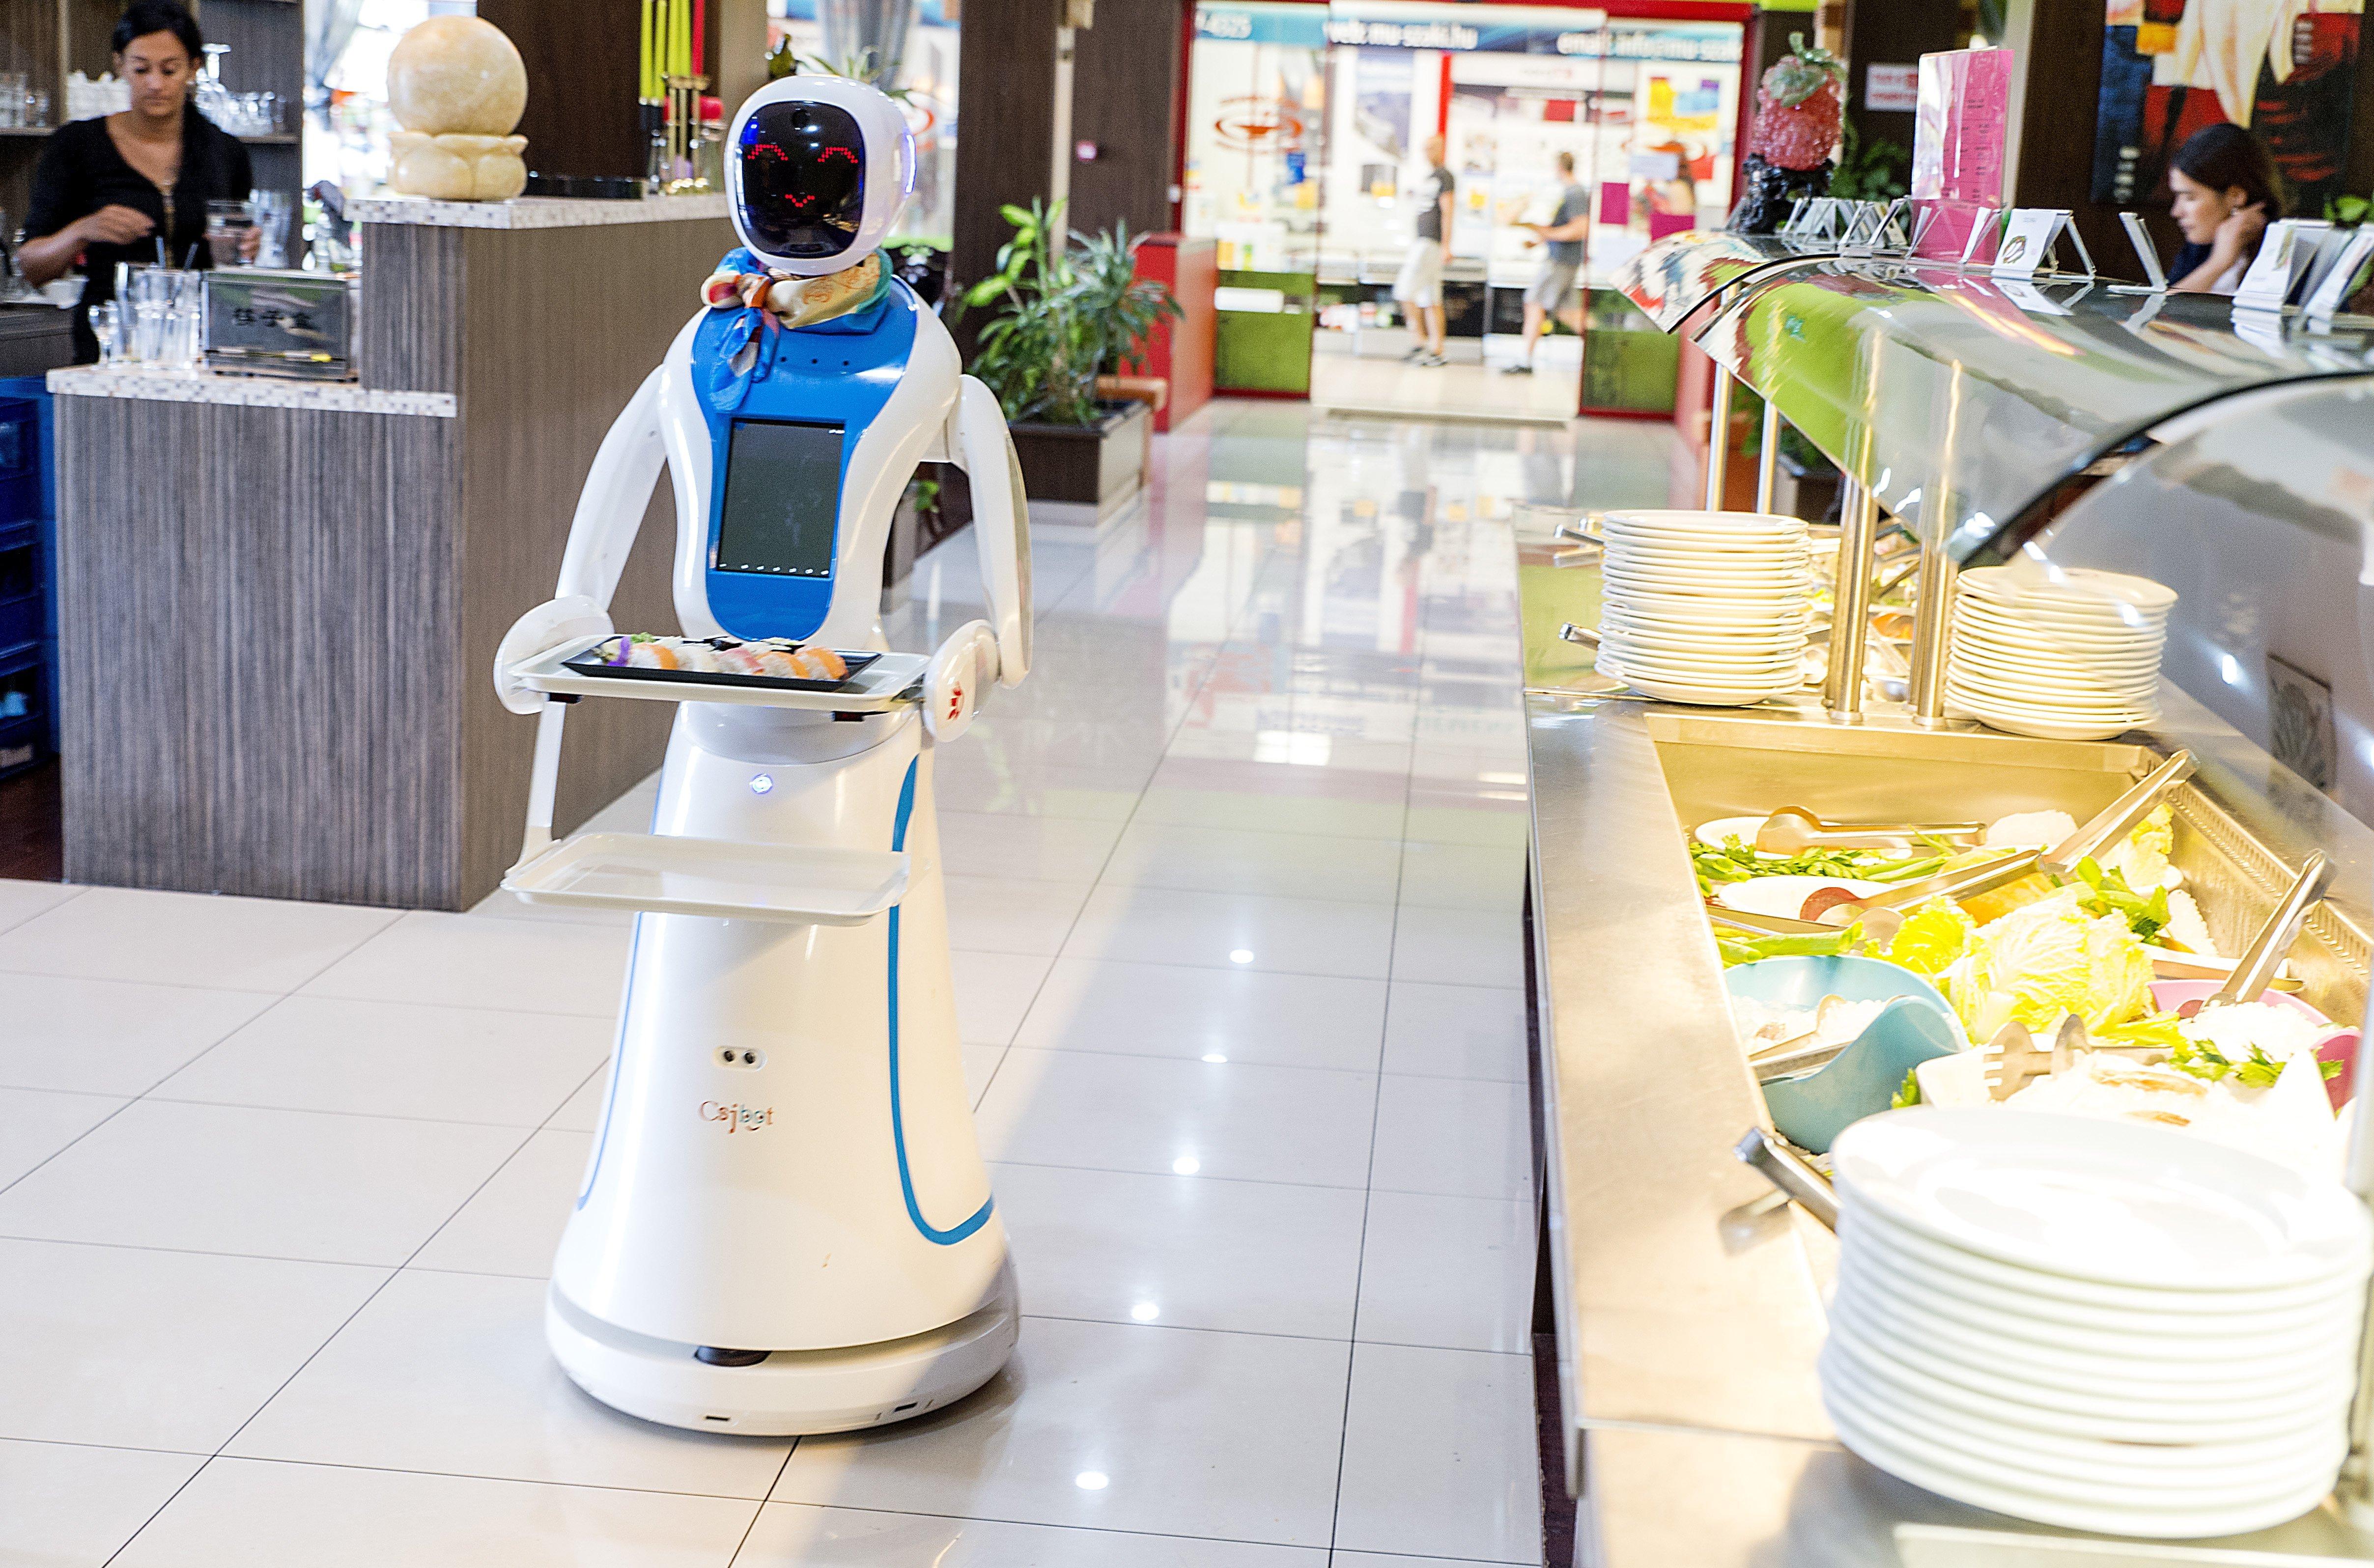 Robotok veszik el az emberek munkáját Győrben